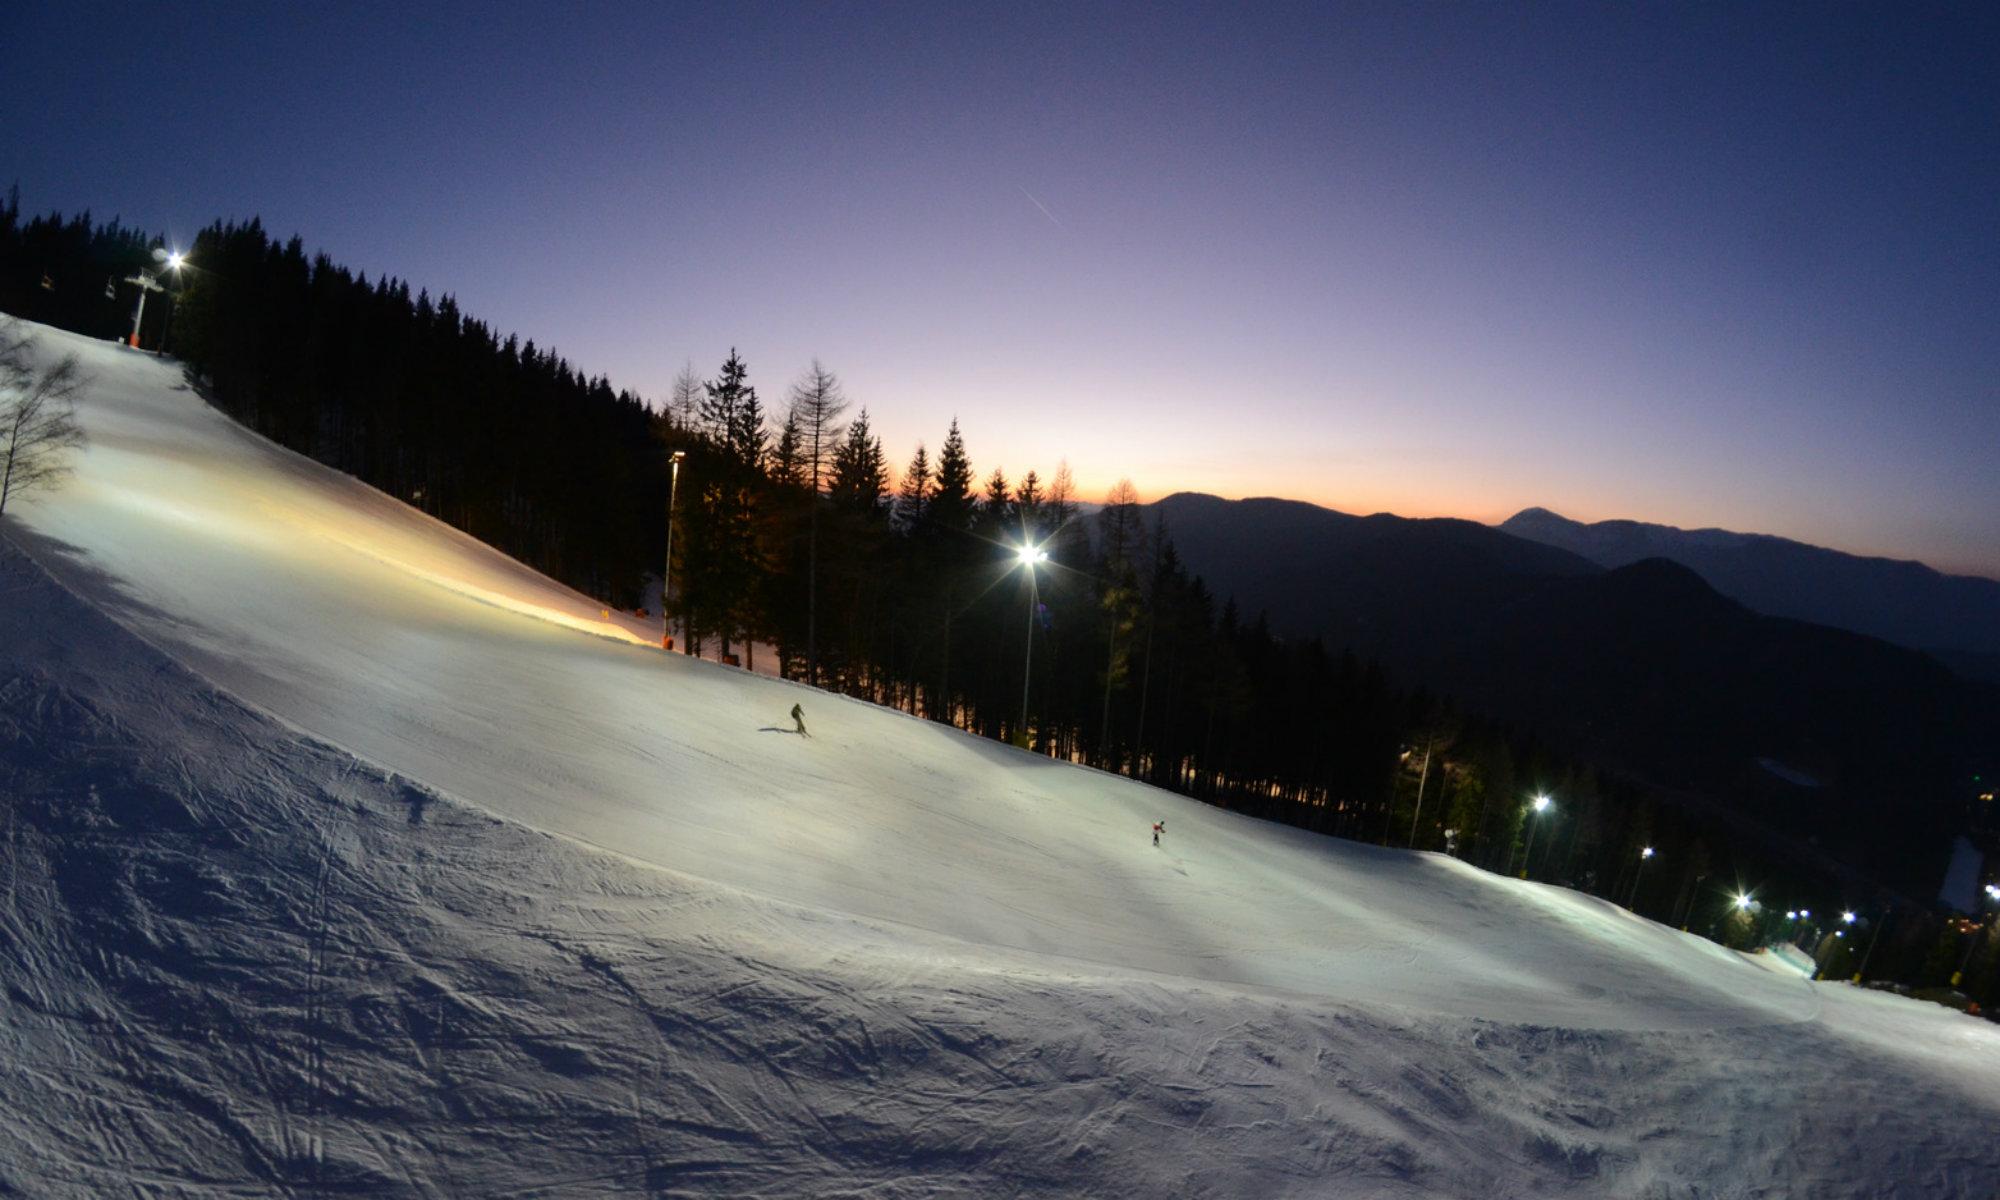 Zwei Wintersportler auf einer beleuchteten Piste beim Nachtsnowboarden am Zauberberg in Österreich.